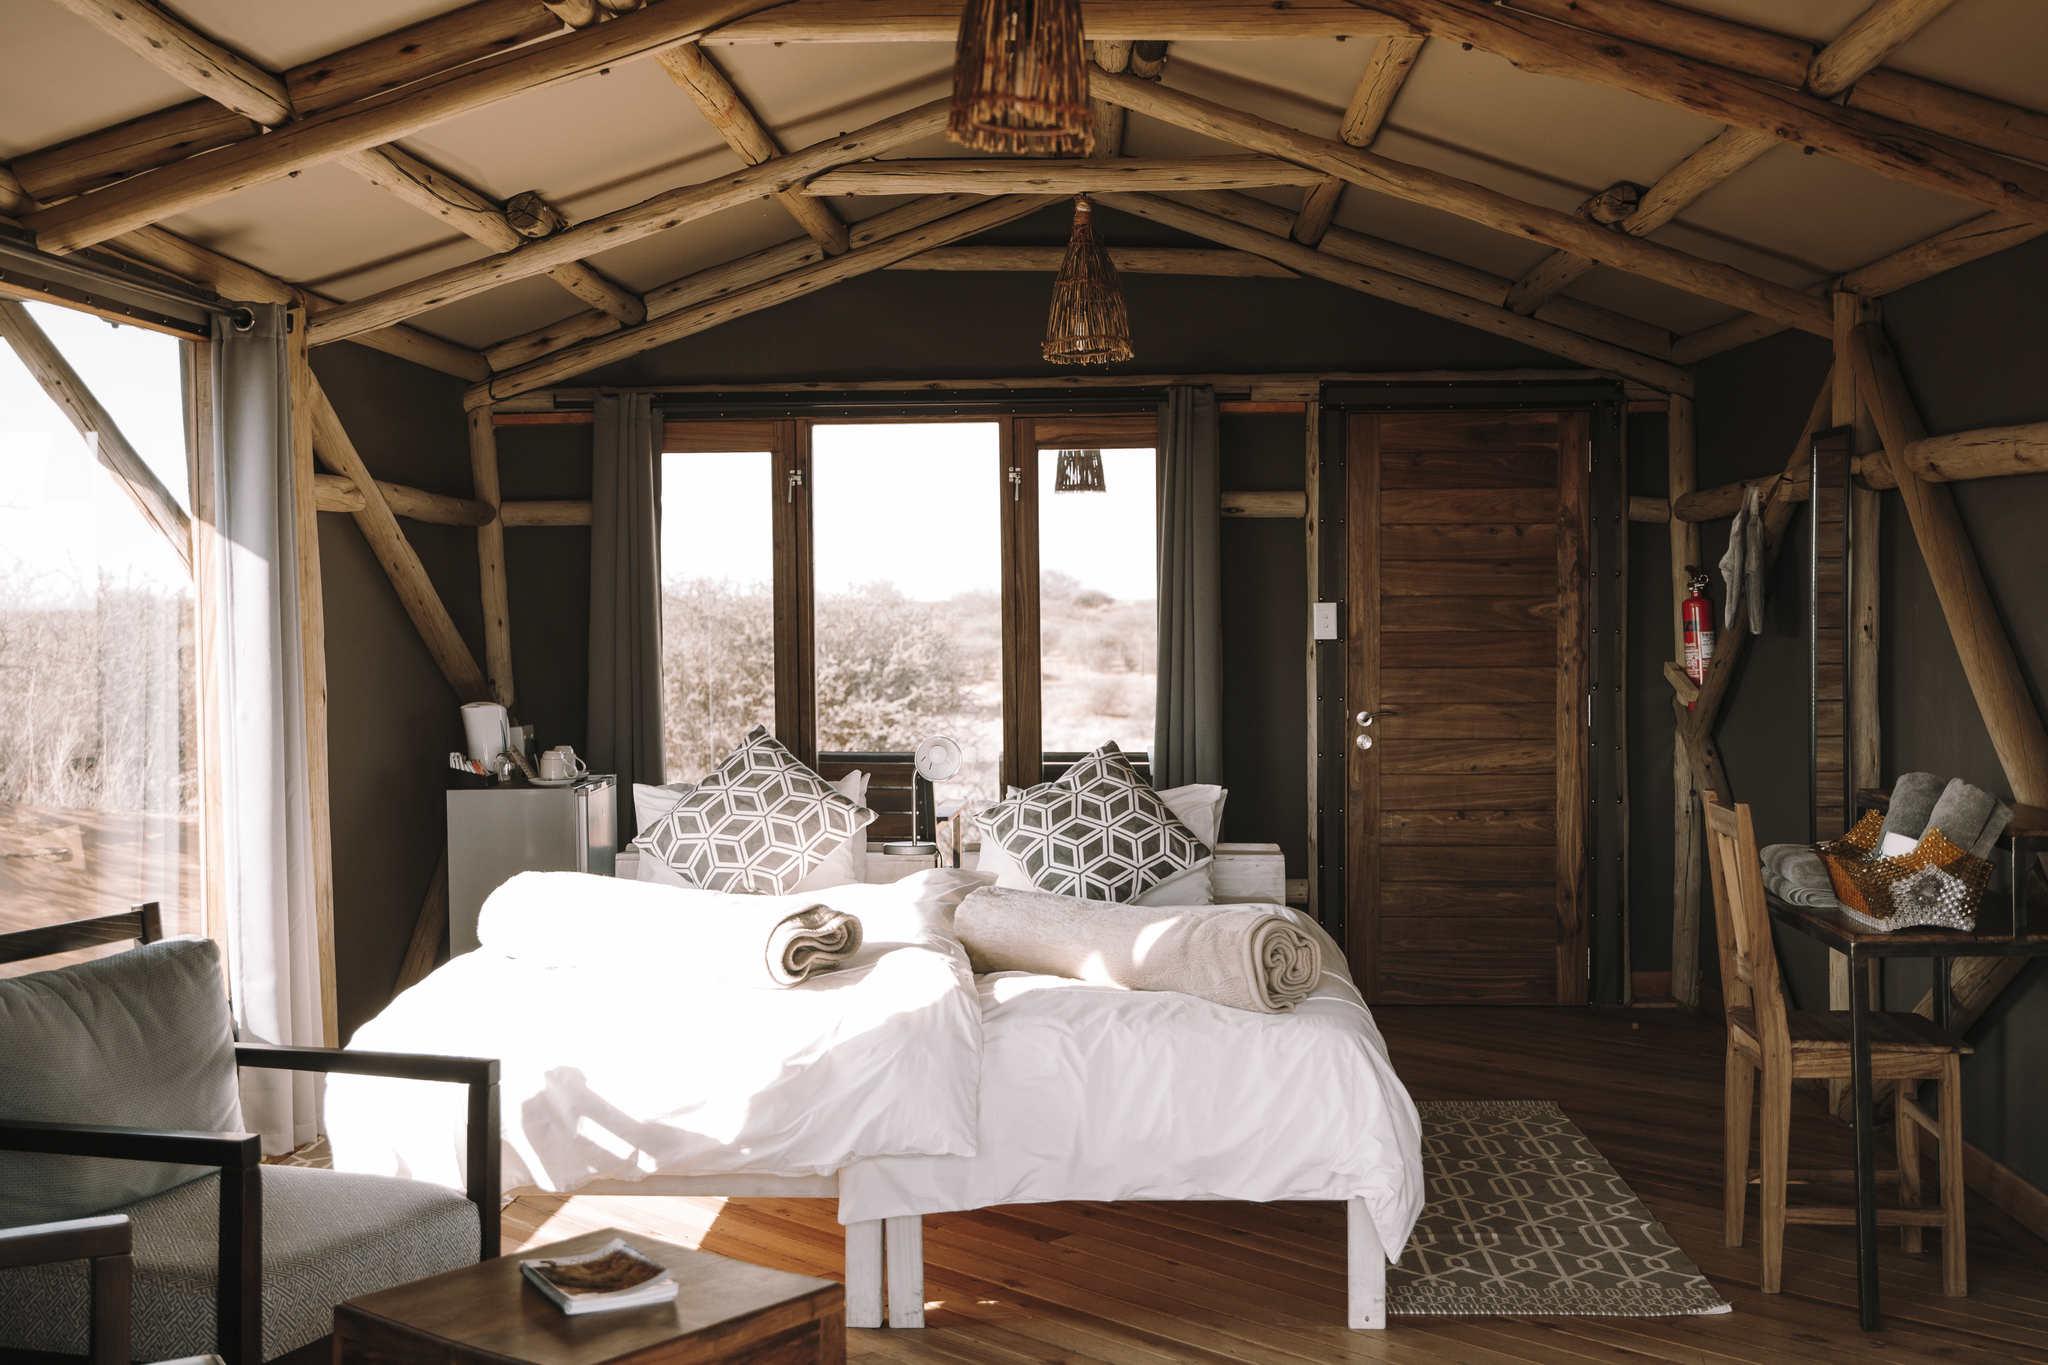 teufelskrallen lodge in der Kalahari - Bett mit Ausblick